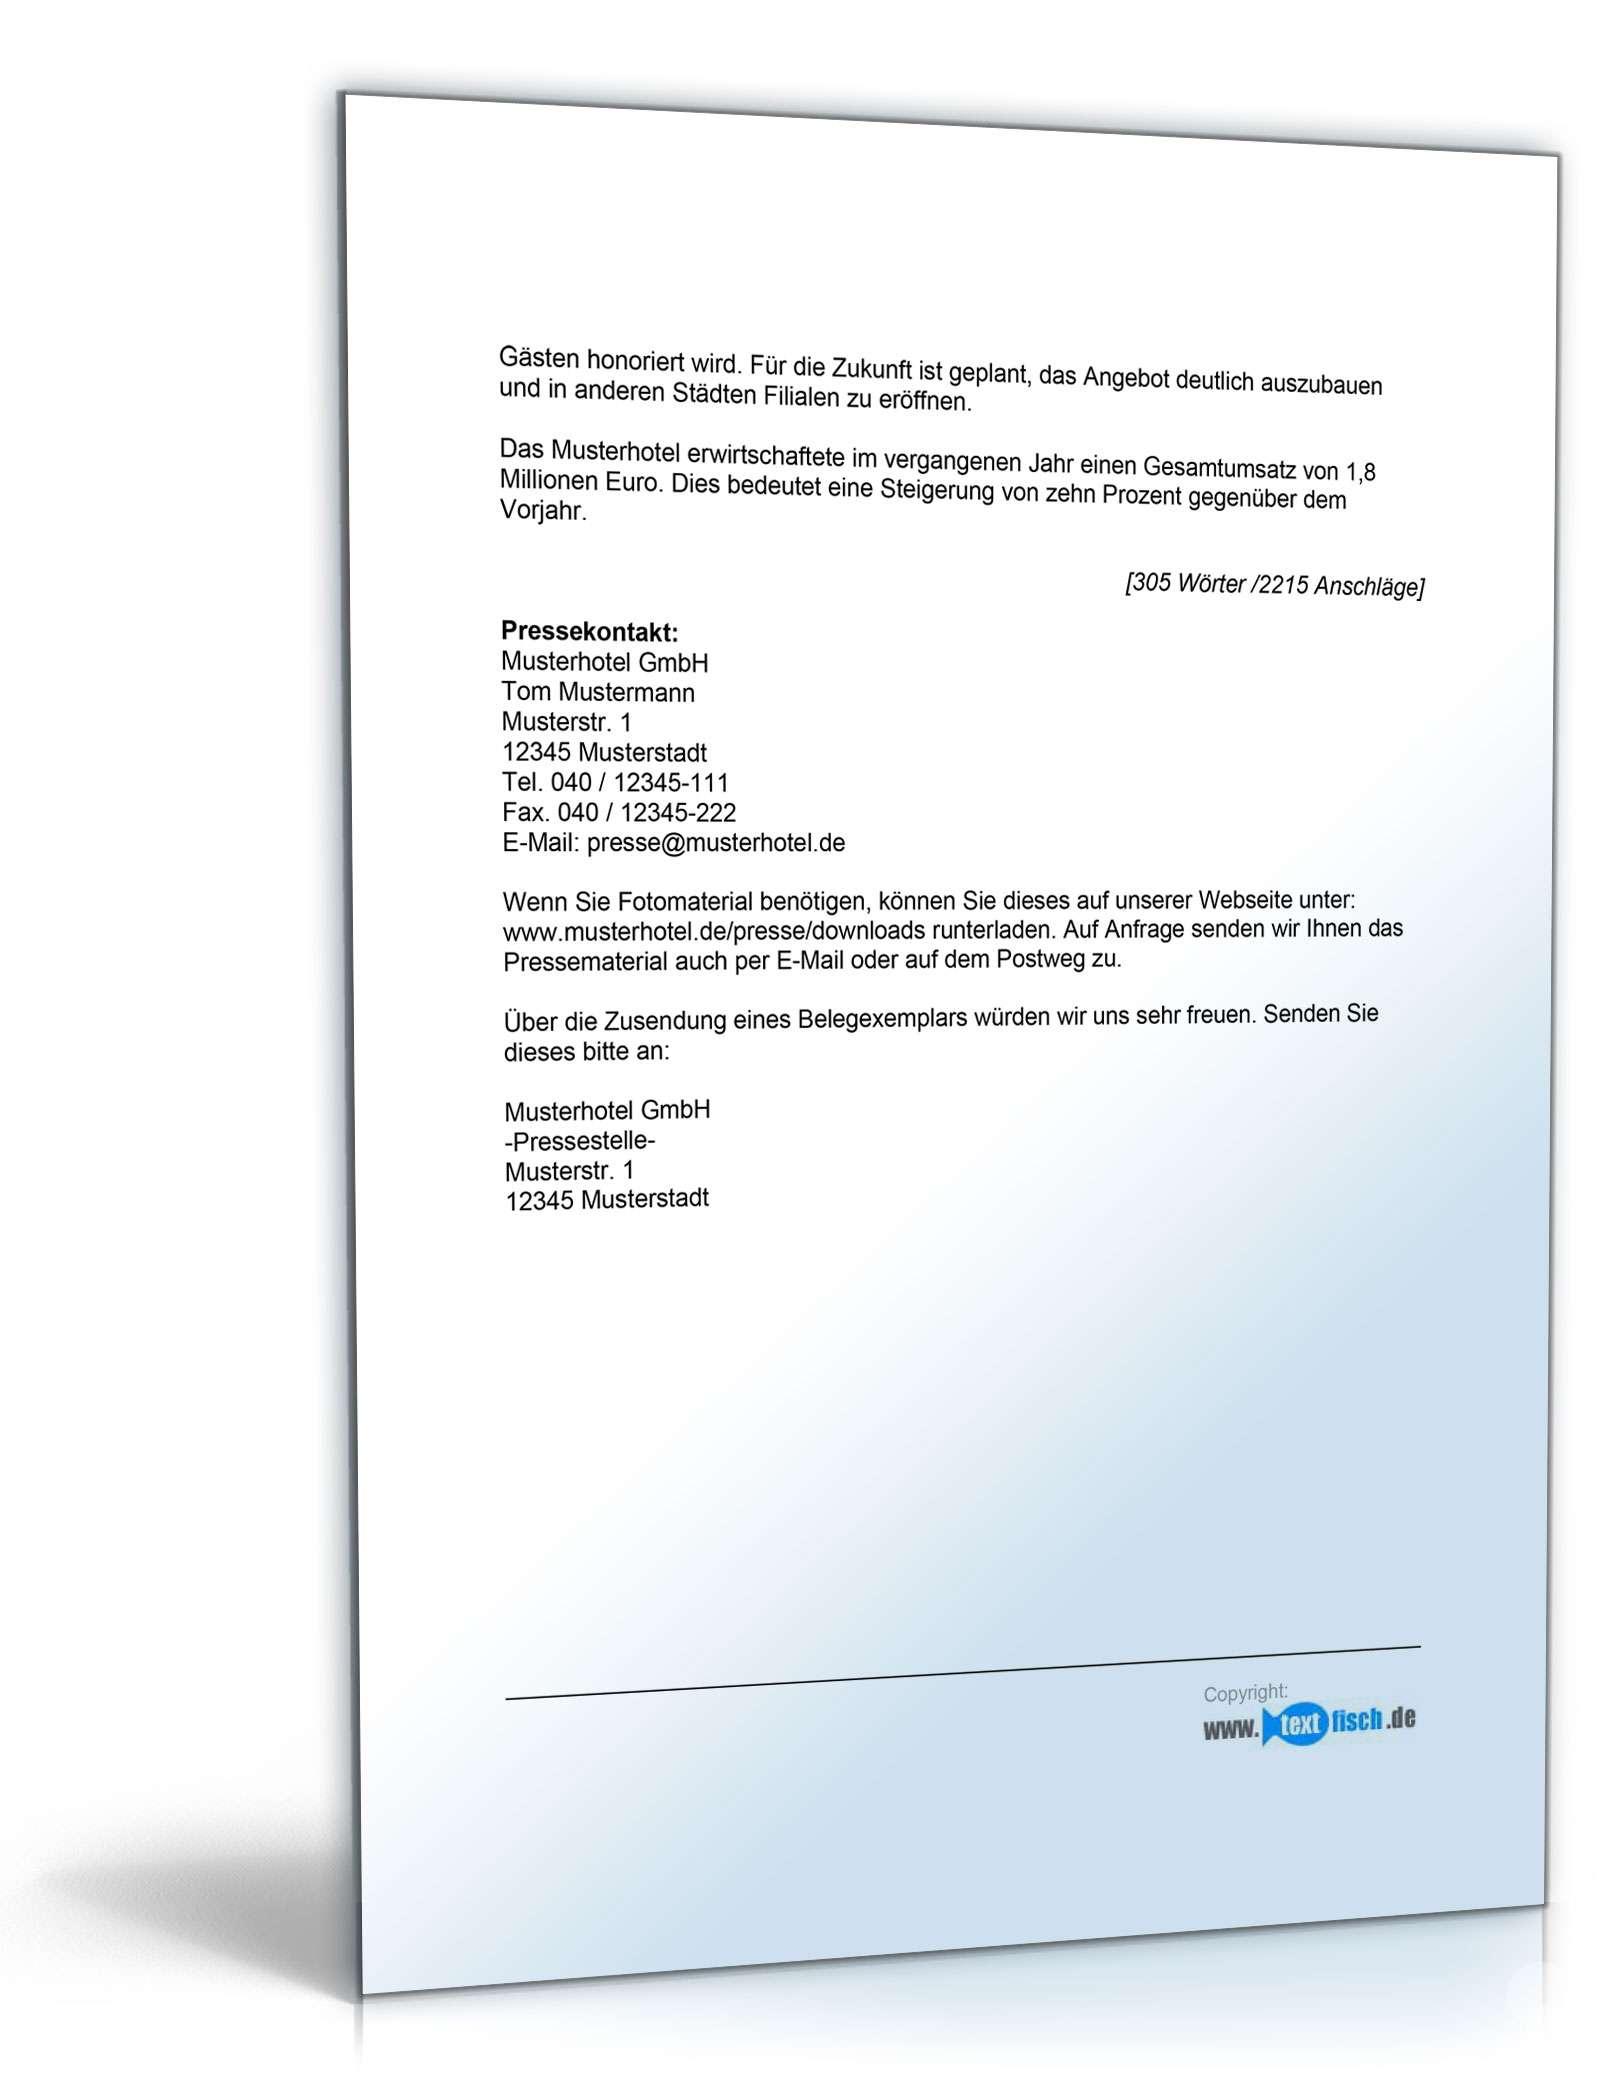 Pressemitteilung Firmenjubiläum (Hotel)- Muster zum Download